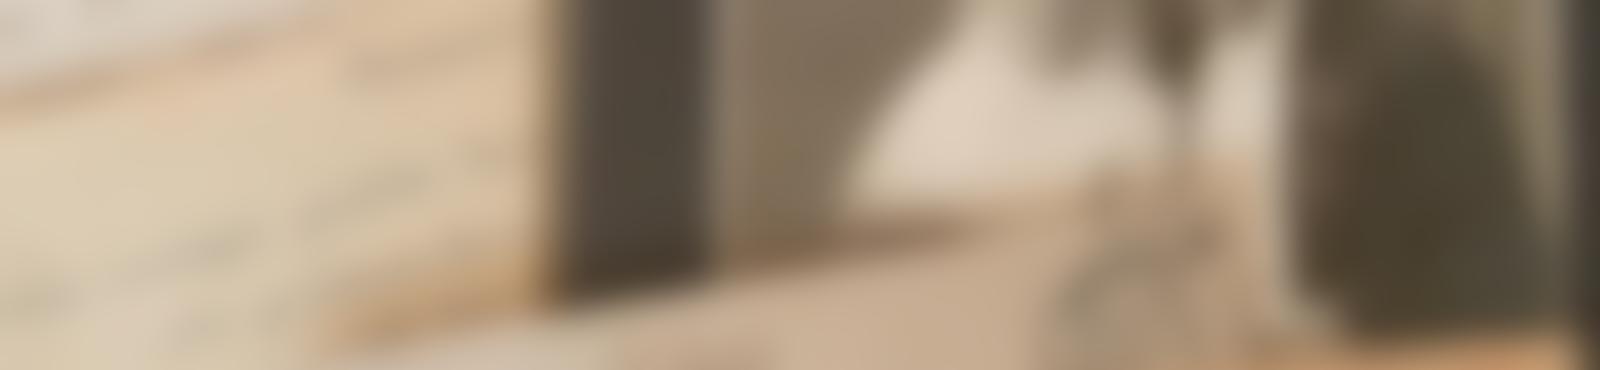 Blurred 7233e193 76d0 4527 9f79 67de08bb6f02